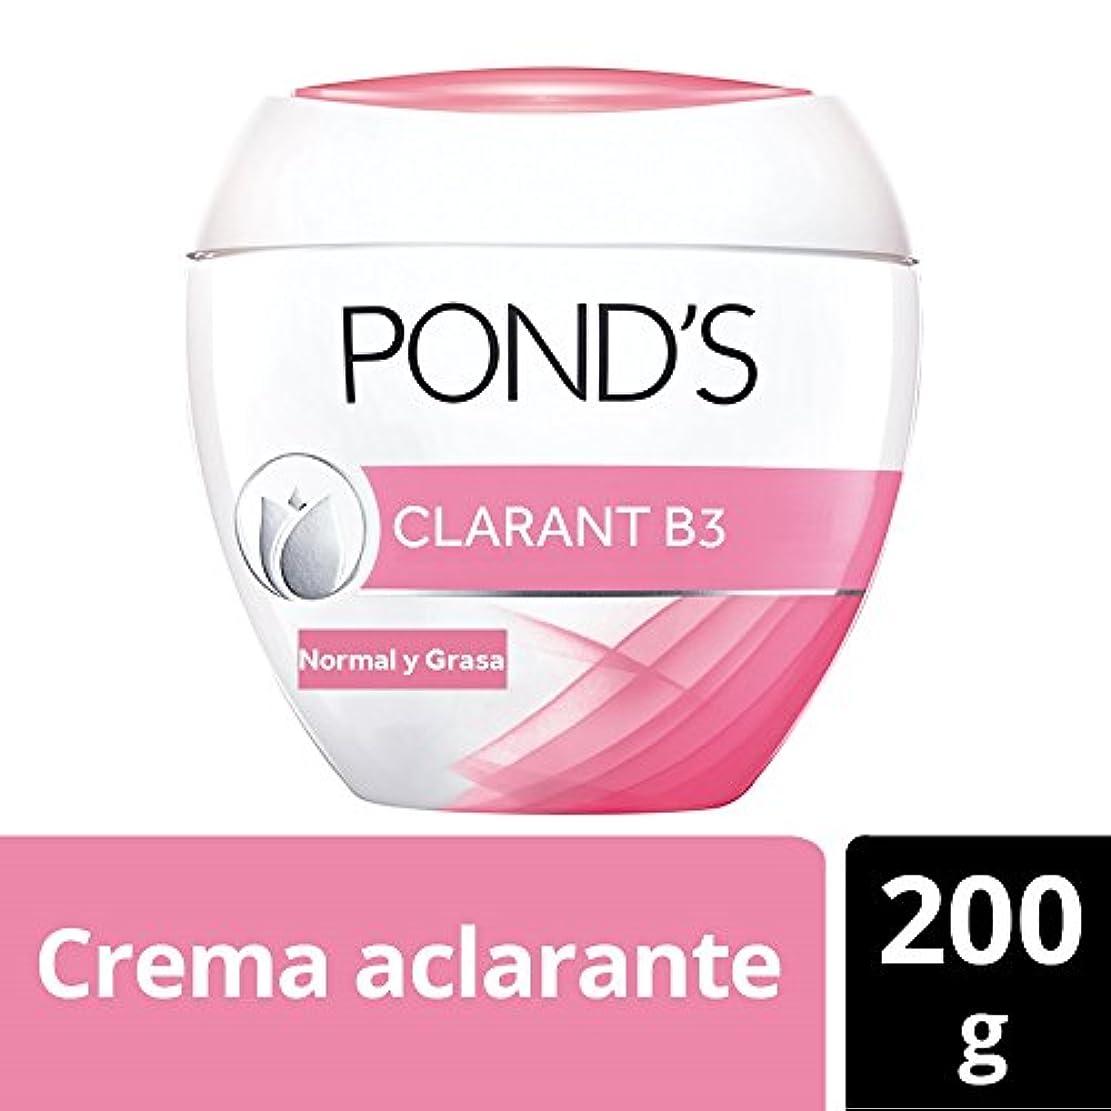 タイプライター本会議印刷するPond's Clarant B3 Anti- Dark Spots Moisturizing CreamFor Normal To Oily Skin (並行輸入品)